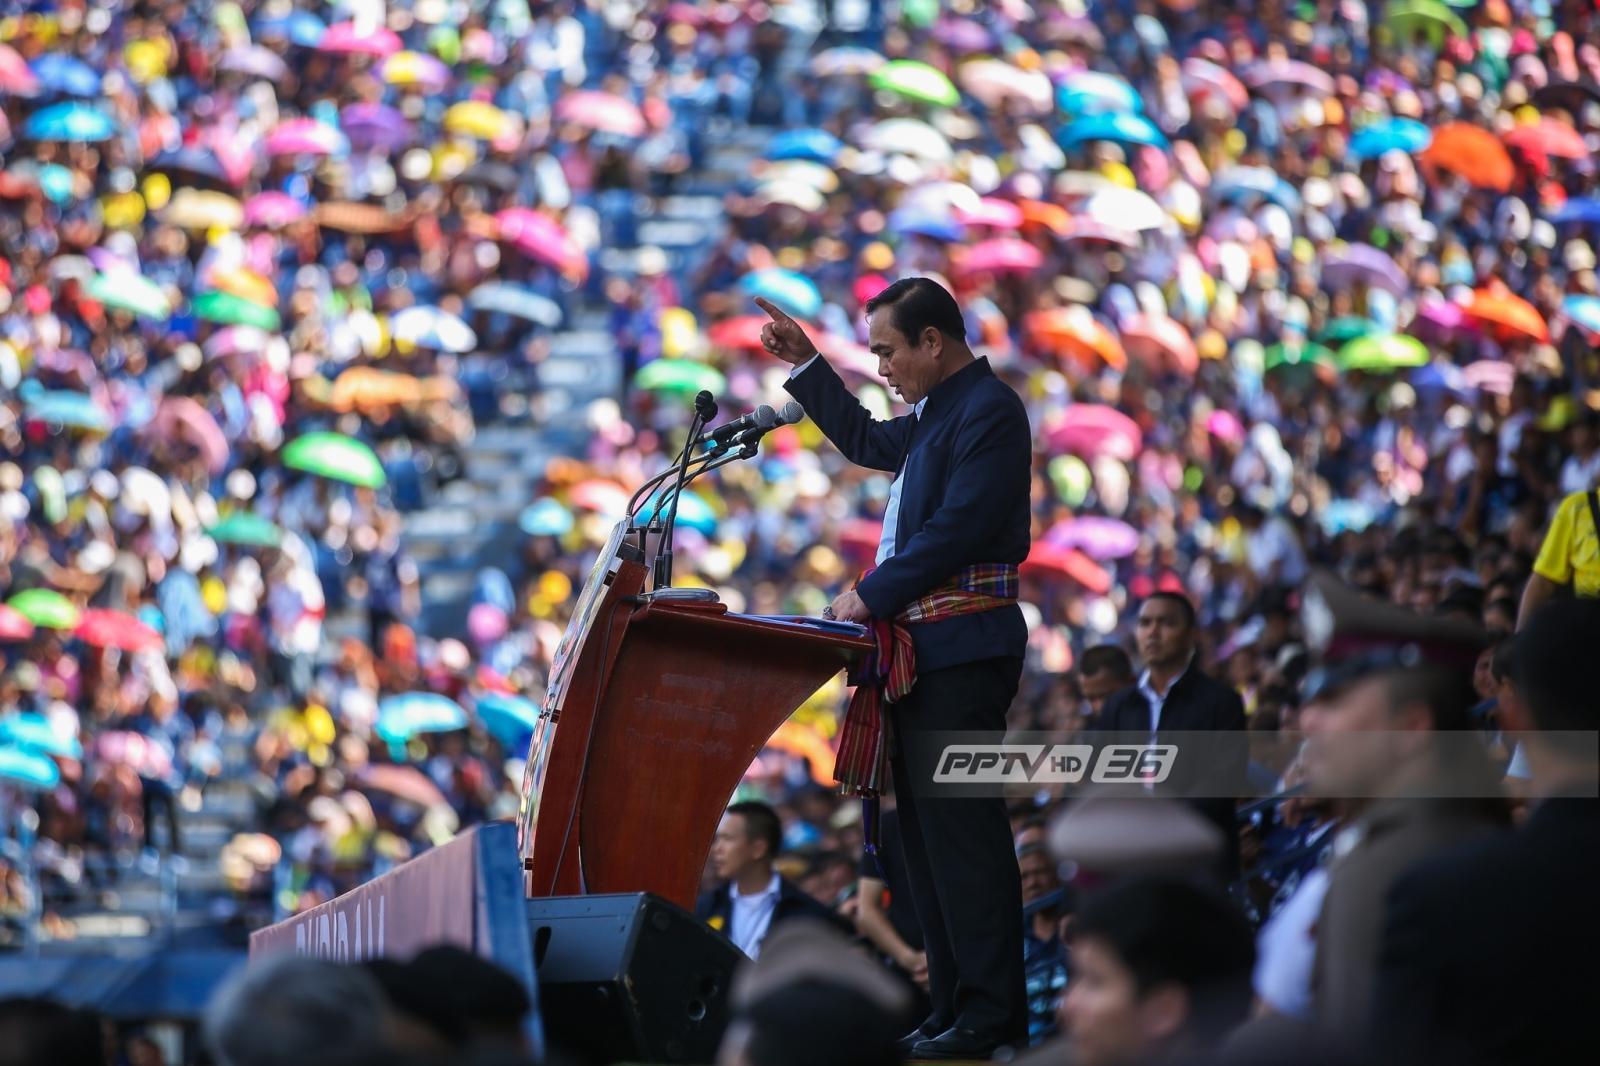 """ชาวบุรีรัมย์เต็มสนาม รับ """"ประยุทธ์"""" ยันไม่มีดีลการเมืองกับภูมิใจไทย"""